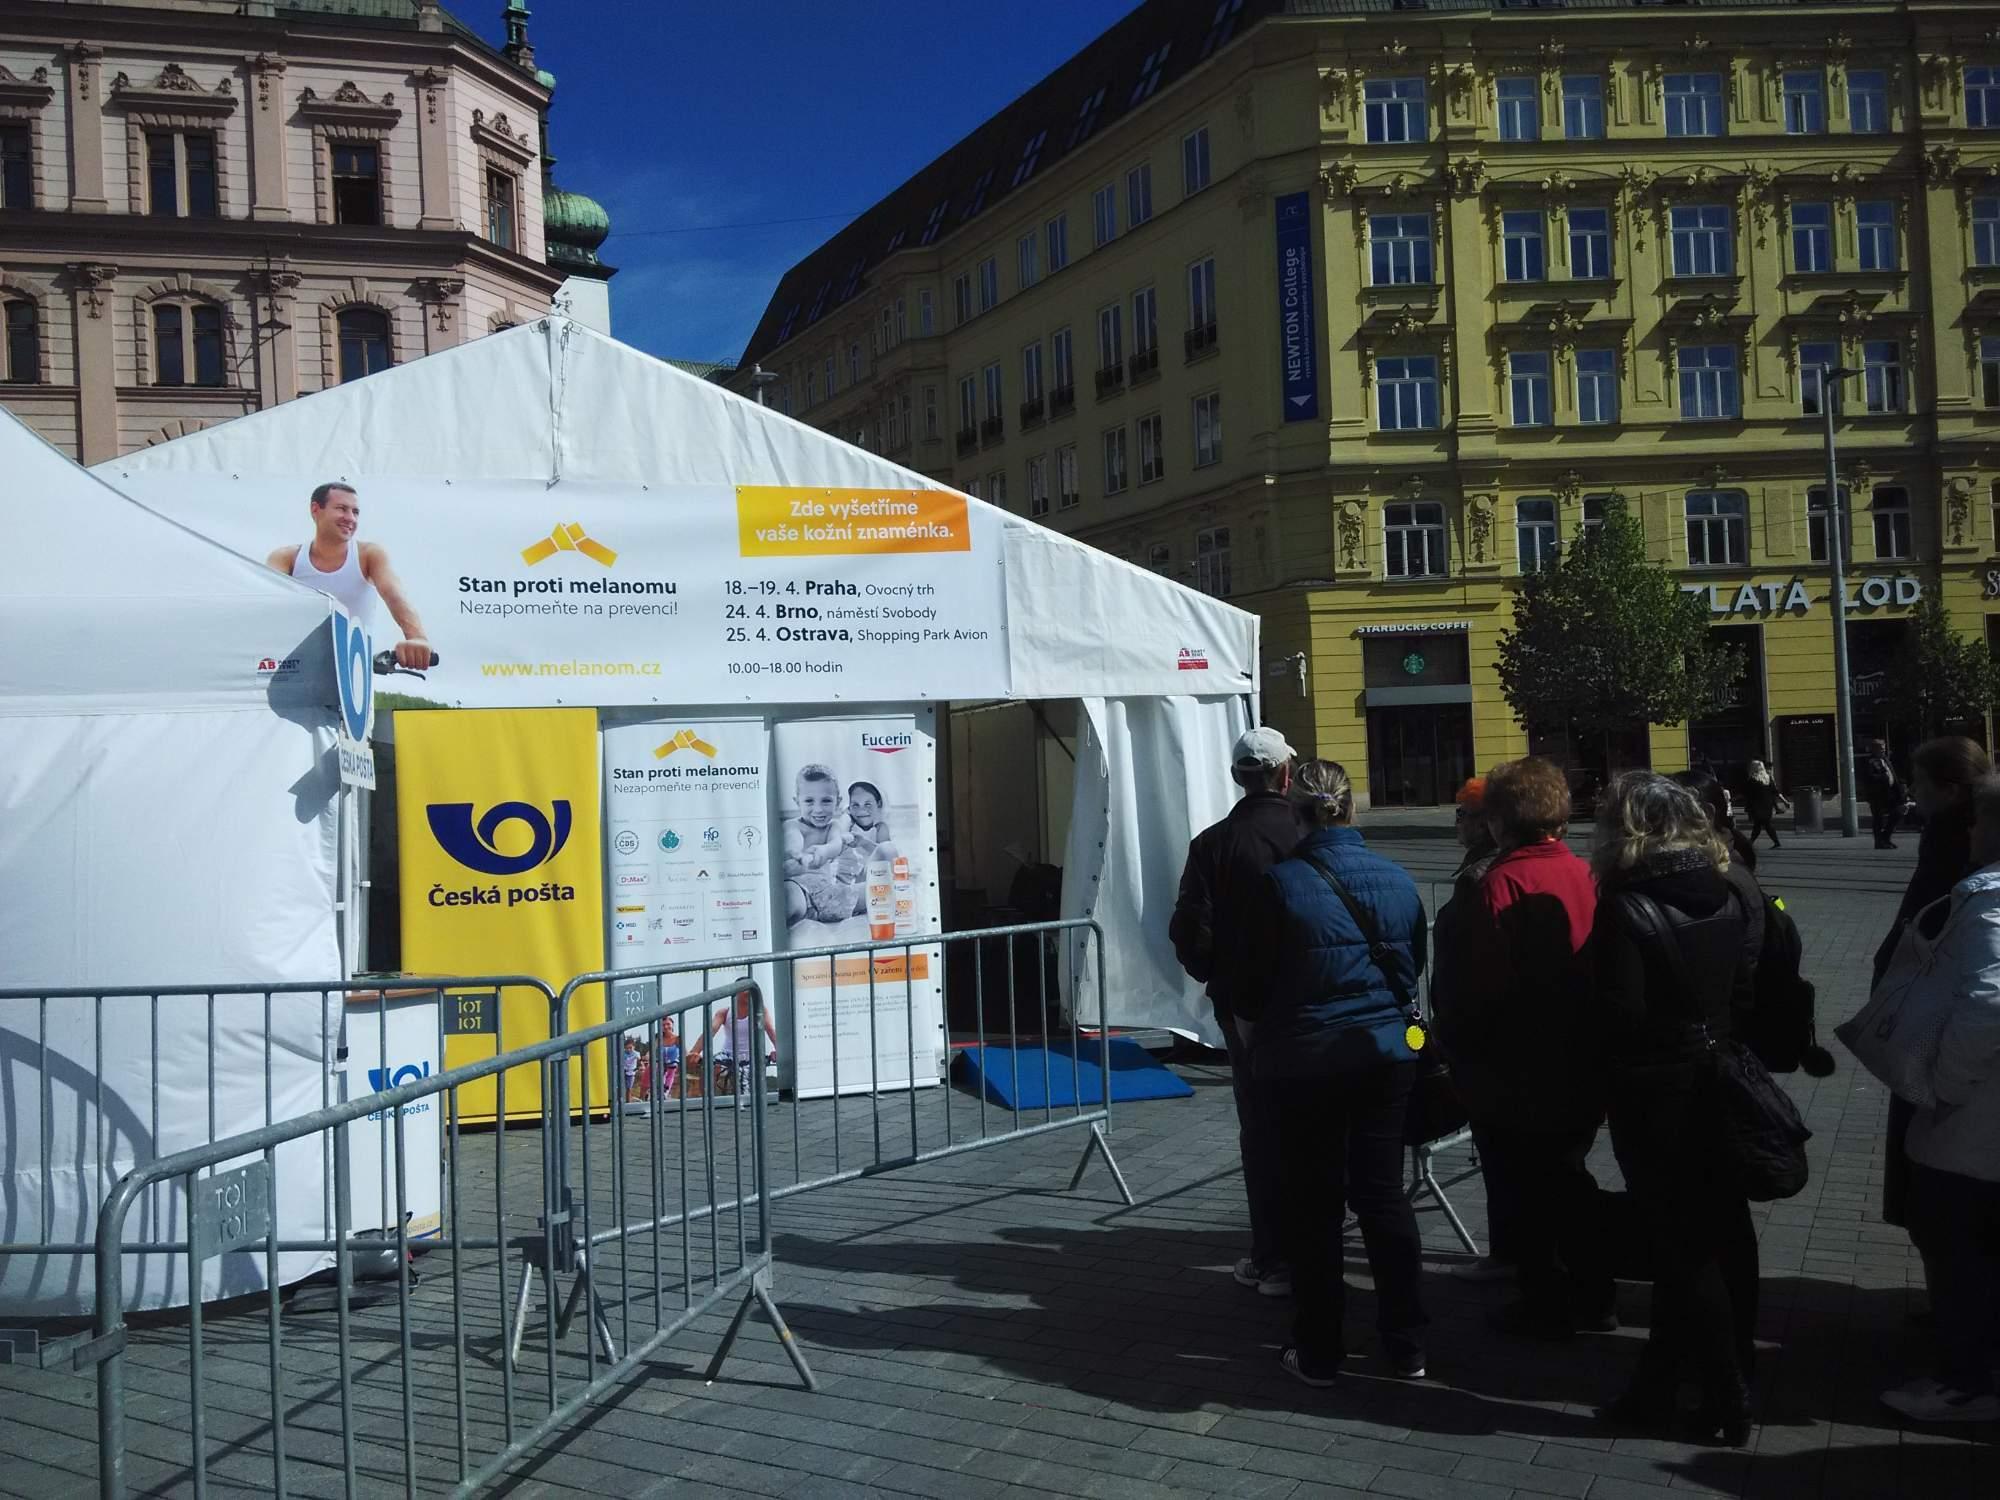 Stan proti melanomu je na náměstí Svobody otevřen do dnešní osmnácté hodiny. FOTO: Michael Malík.